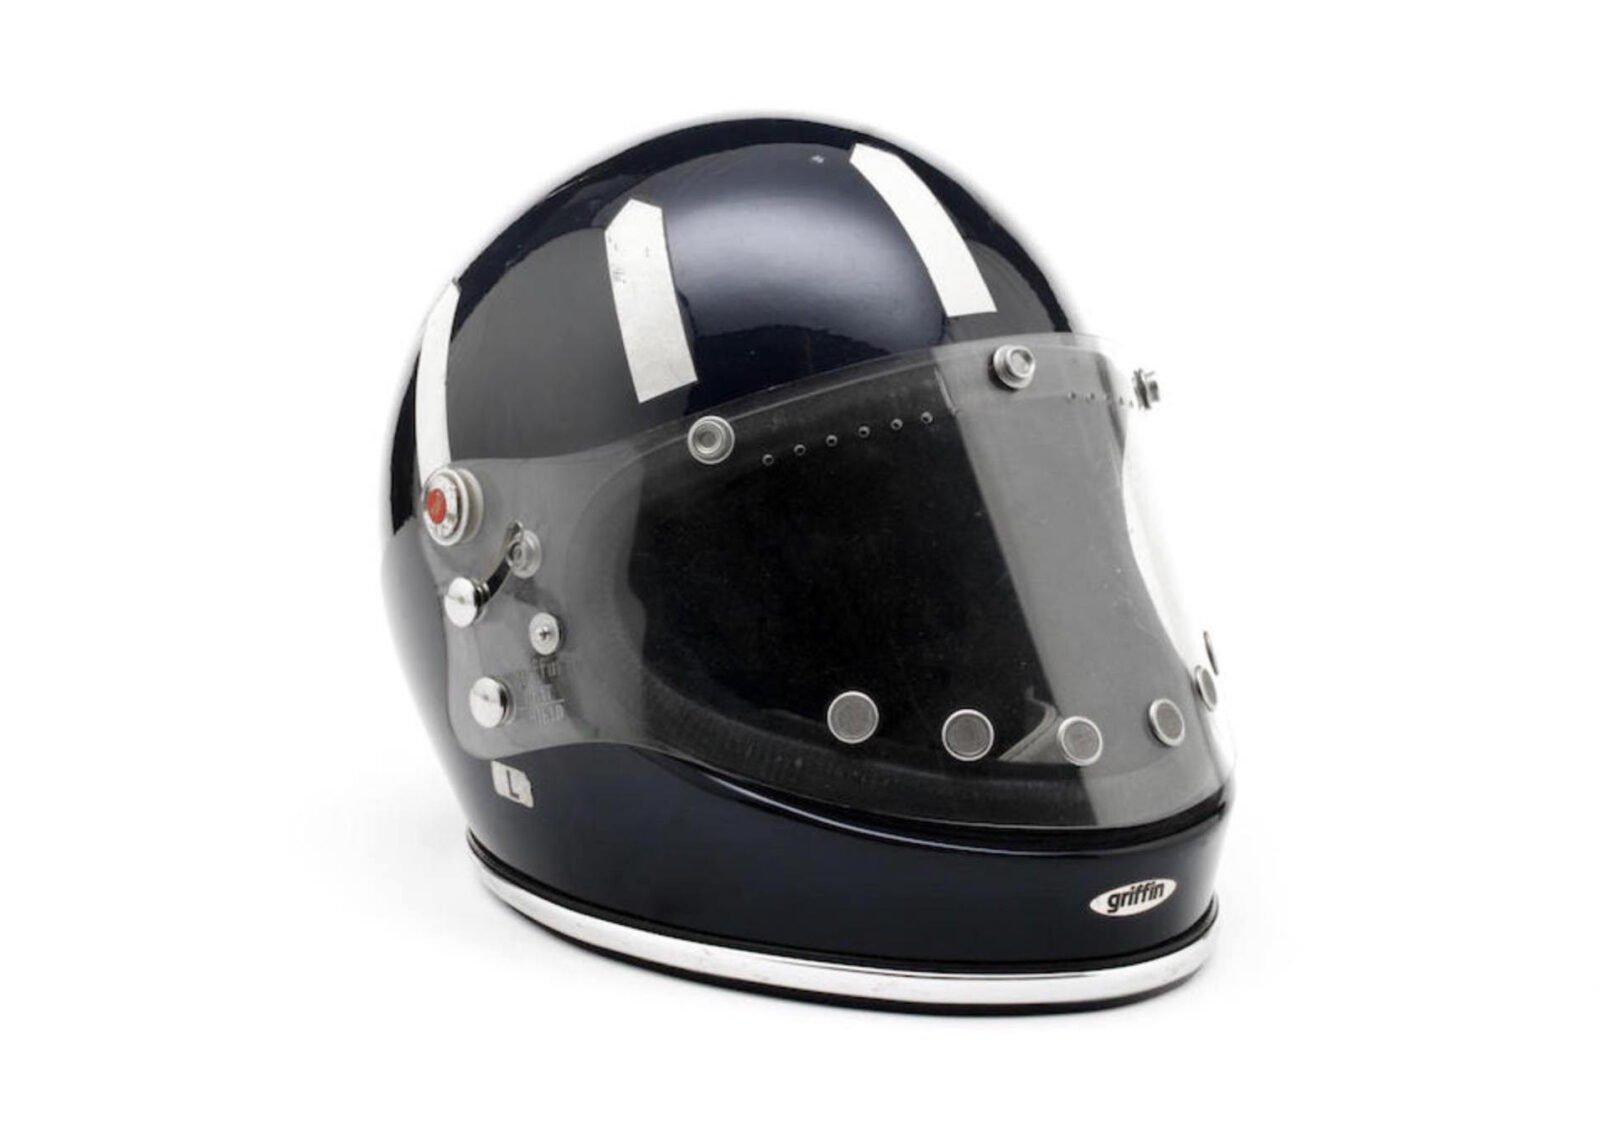 Graham Hills Griffin Clubman Helmet 2 1600x1121 - Graham Hill's Griffin Clubman Helmet